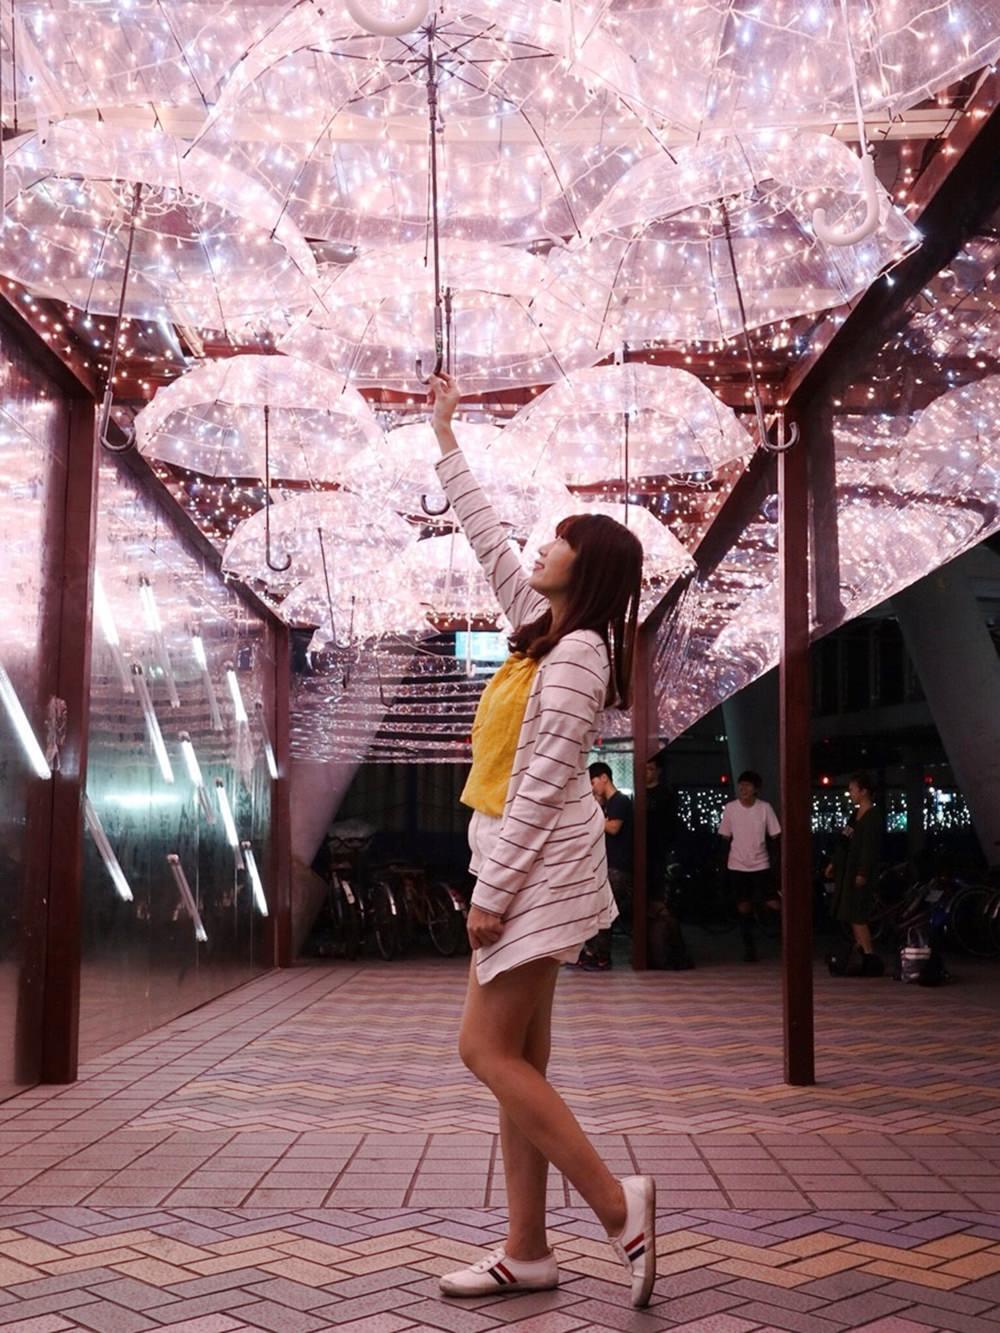 20181109102941 44 - 2018新北市歡樂耶誕城 網美打卡亮點  歡樂遊戲設施   完整點燈時間 交通資訊